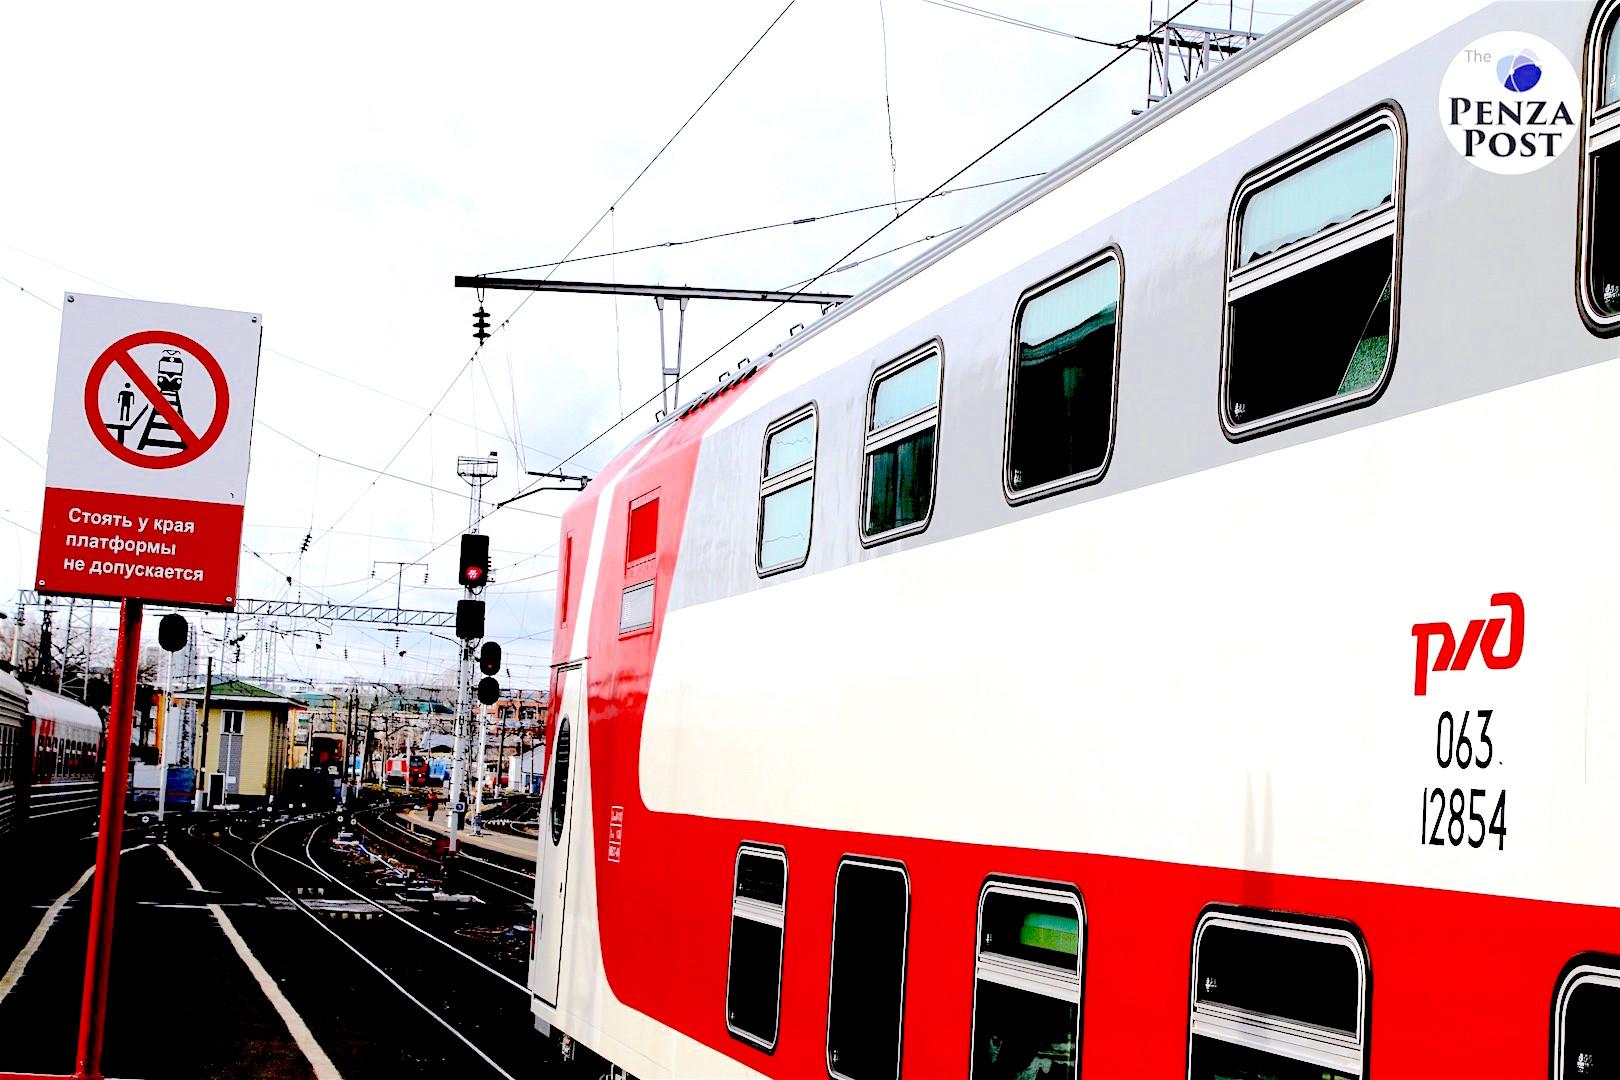 В Пензенской области восстановлено движение поездов